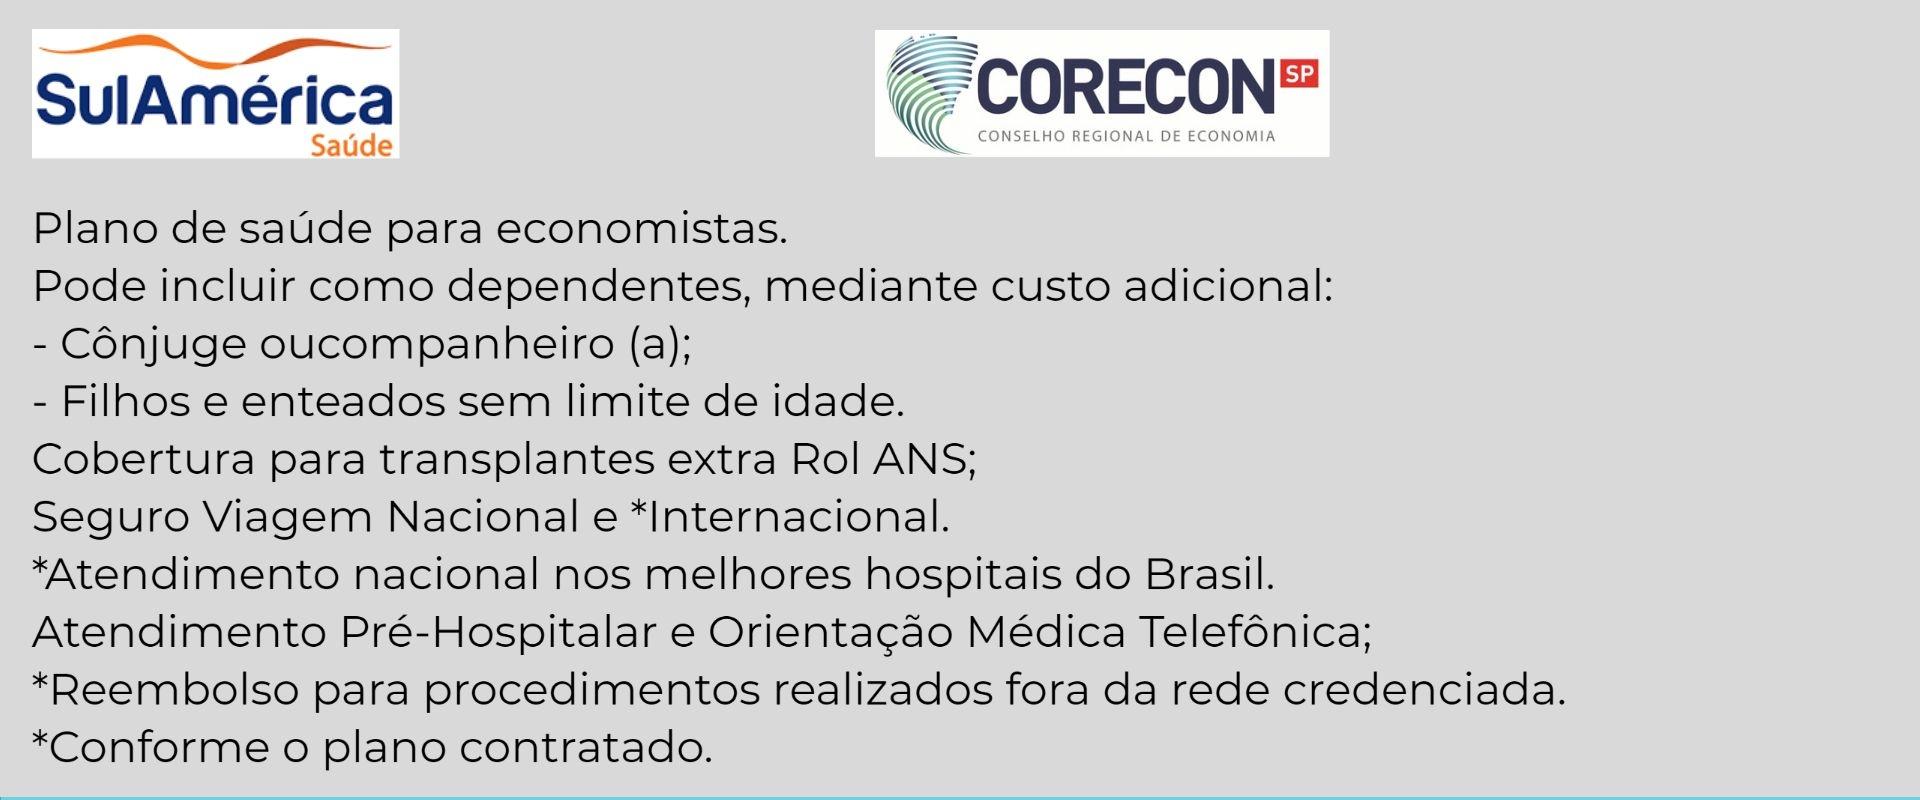 Sul América Corecon-SP